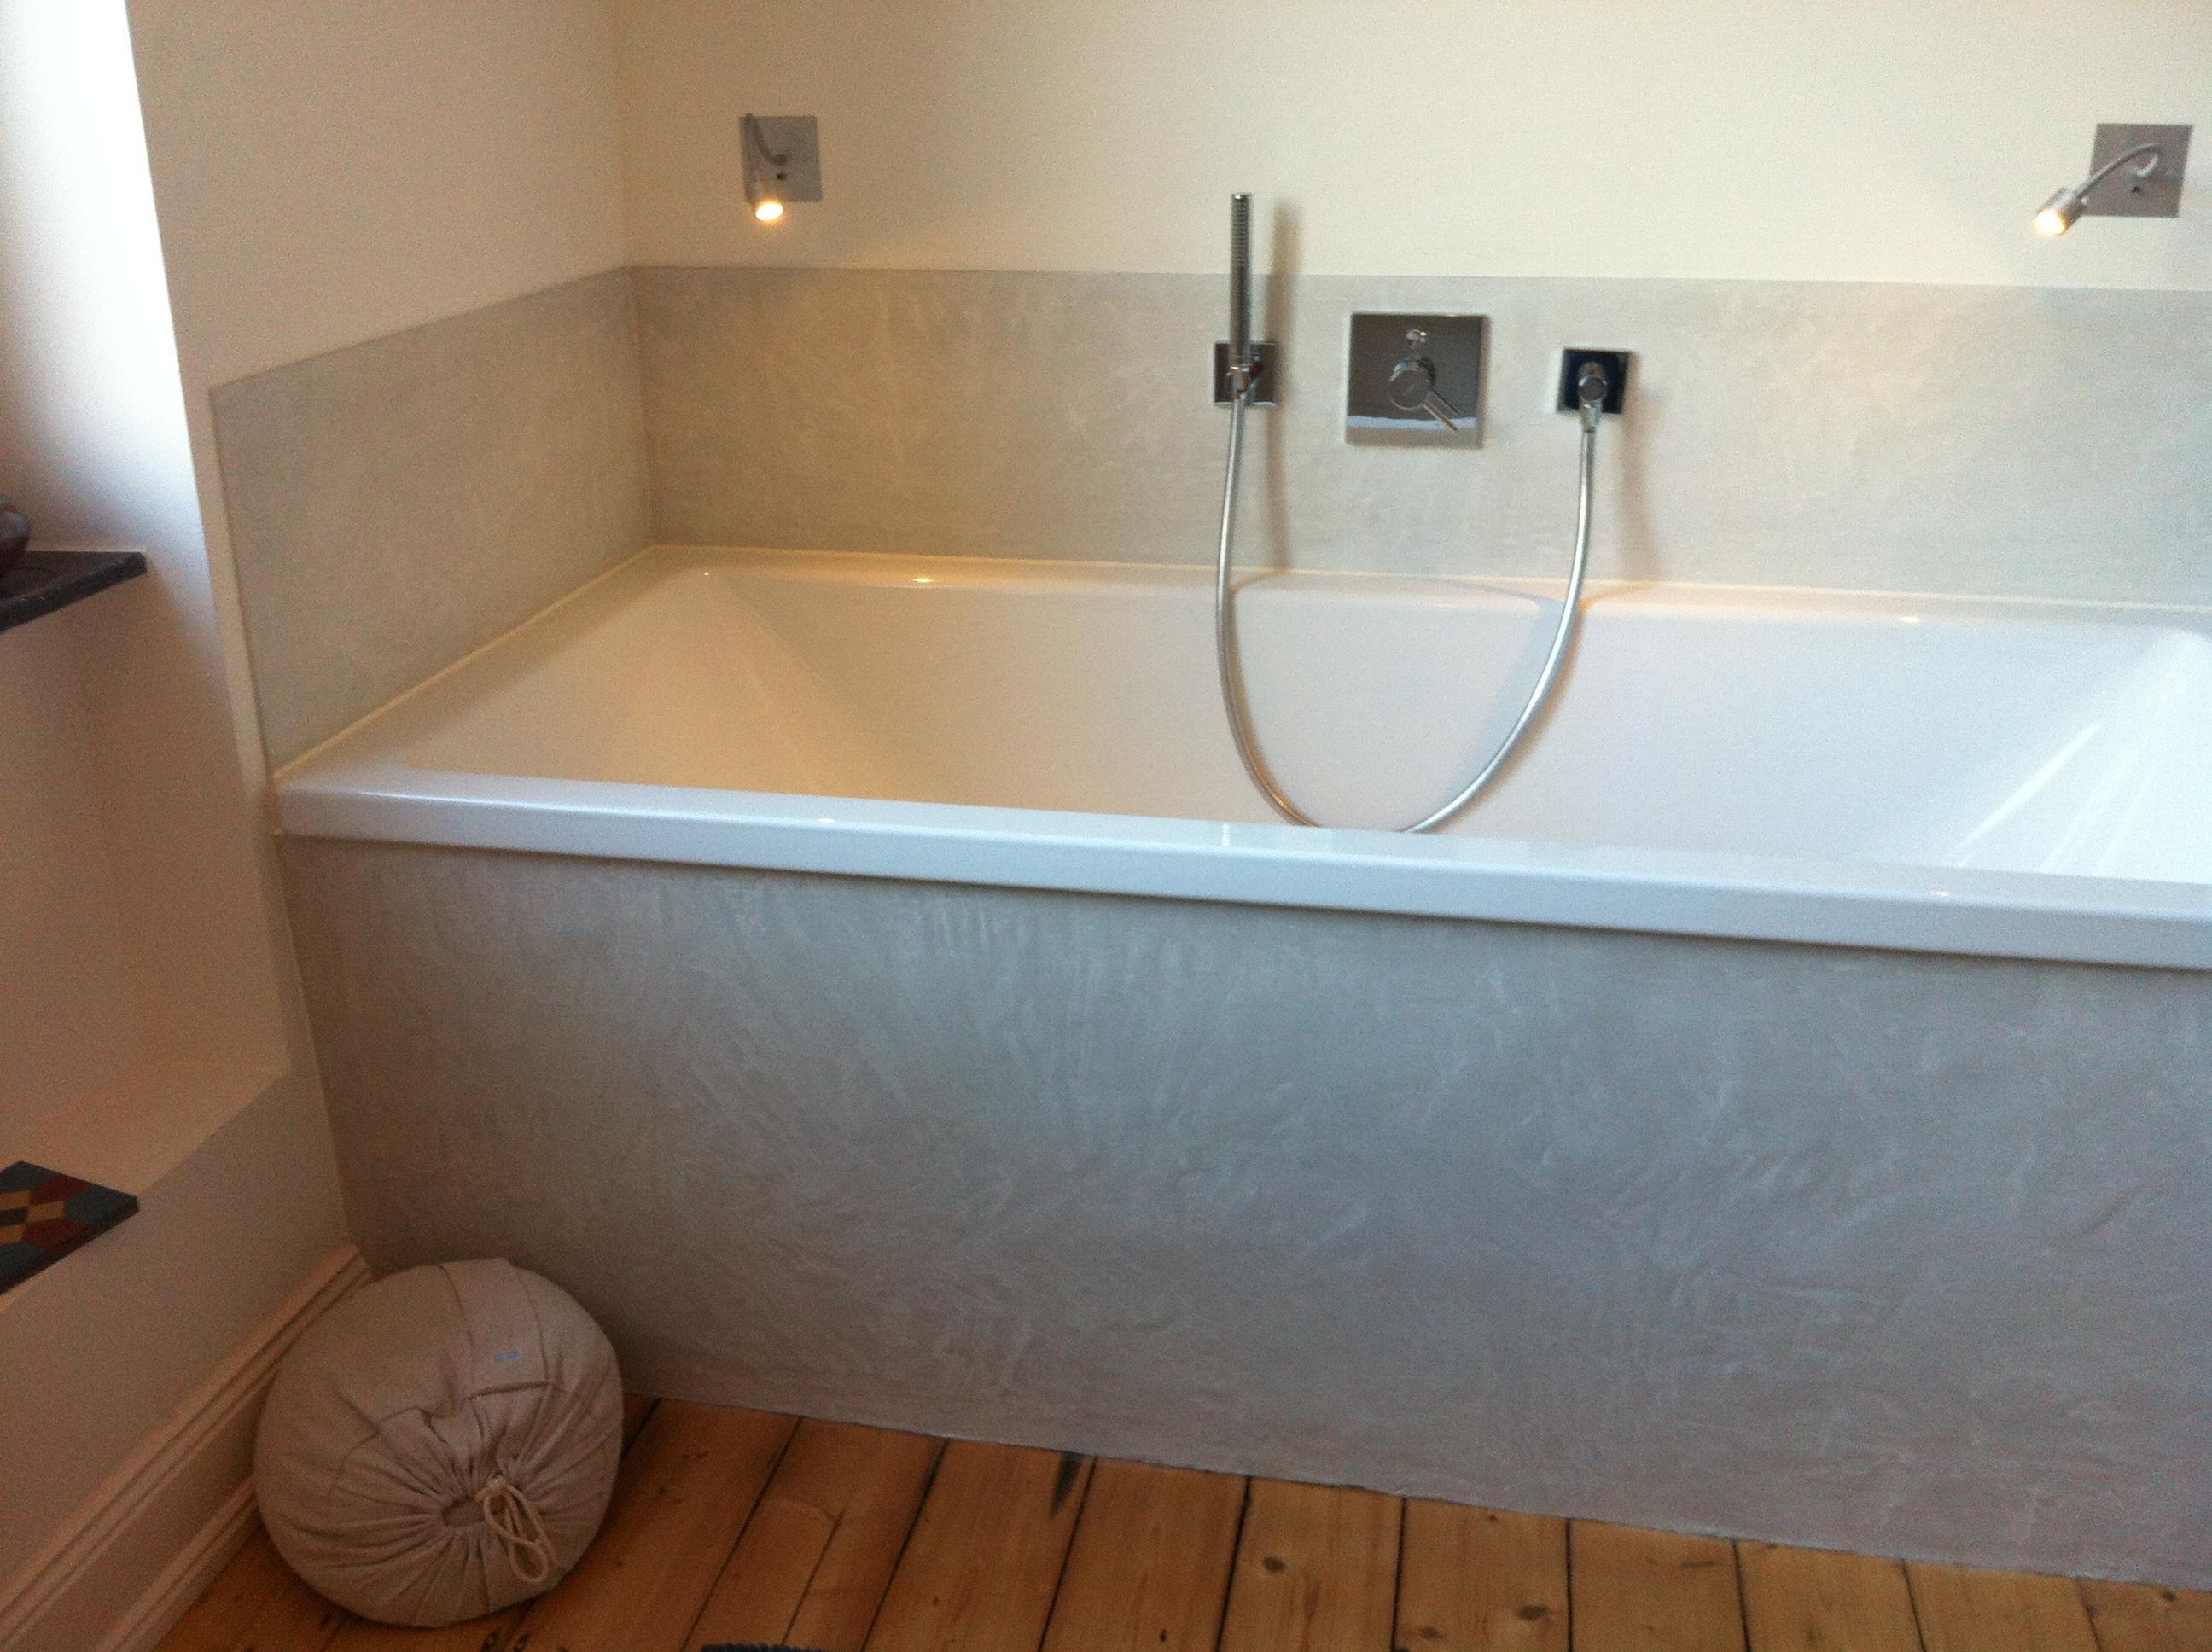 Badewanne Verkleidet Mit Zementputz #fugenlosesbad ©Ursula Kohlmann